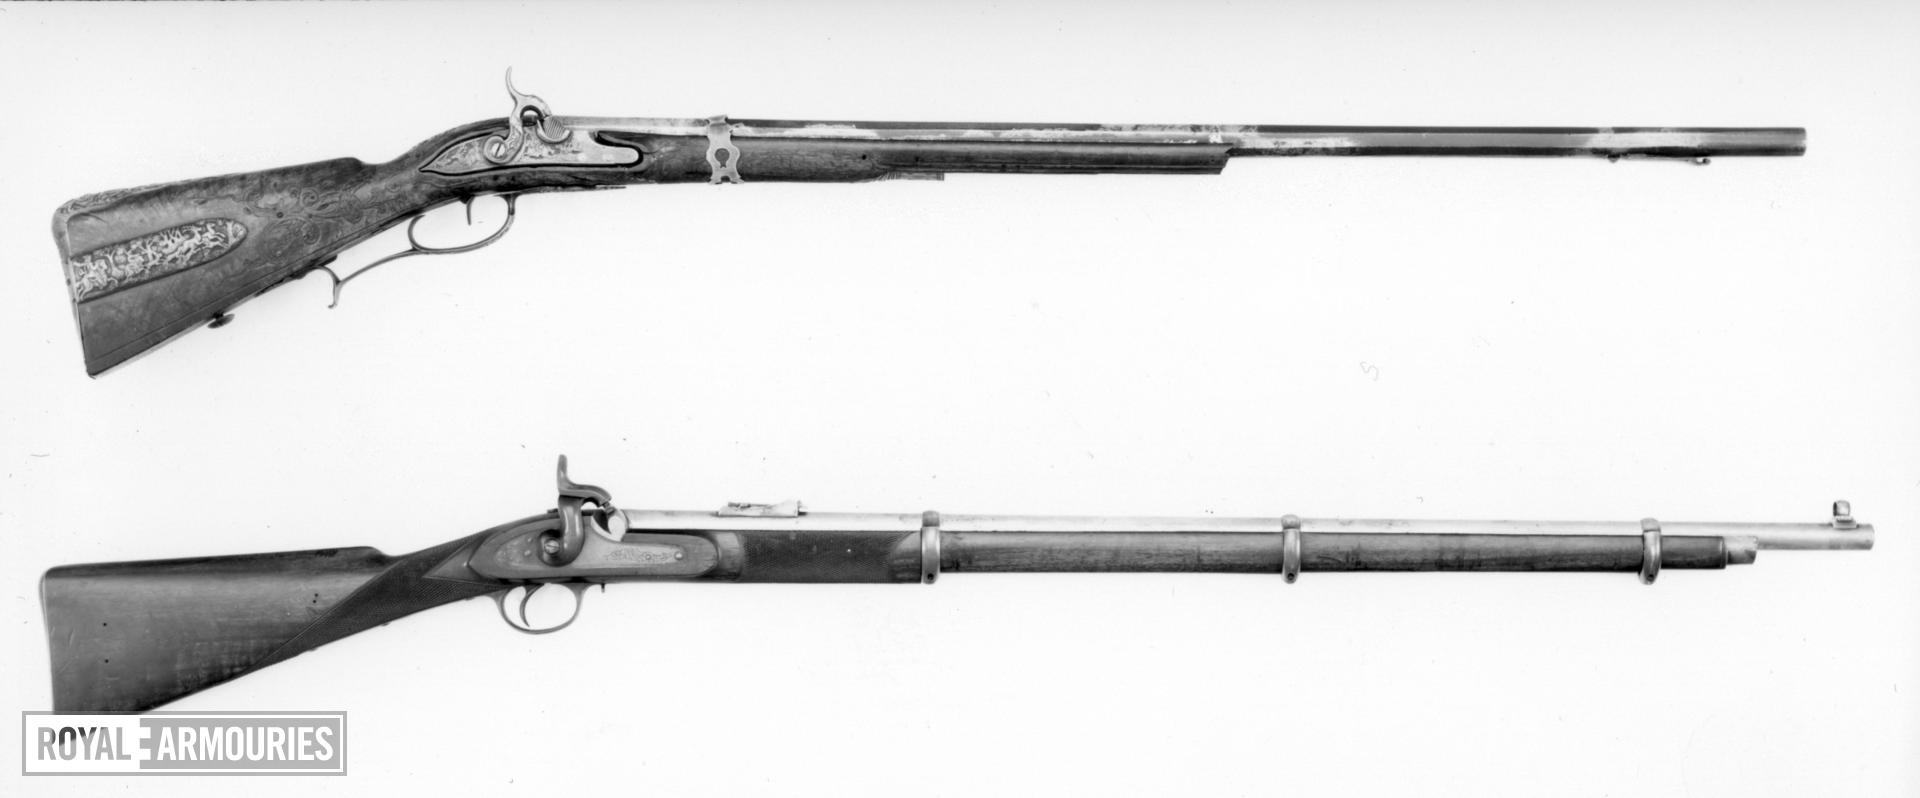 Percussion muzzle-loading rifle - Unknown